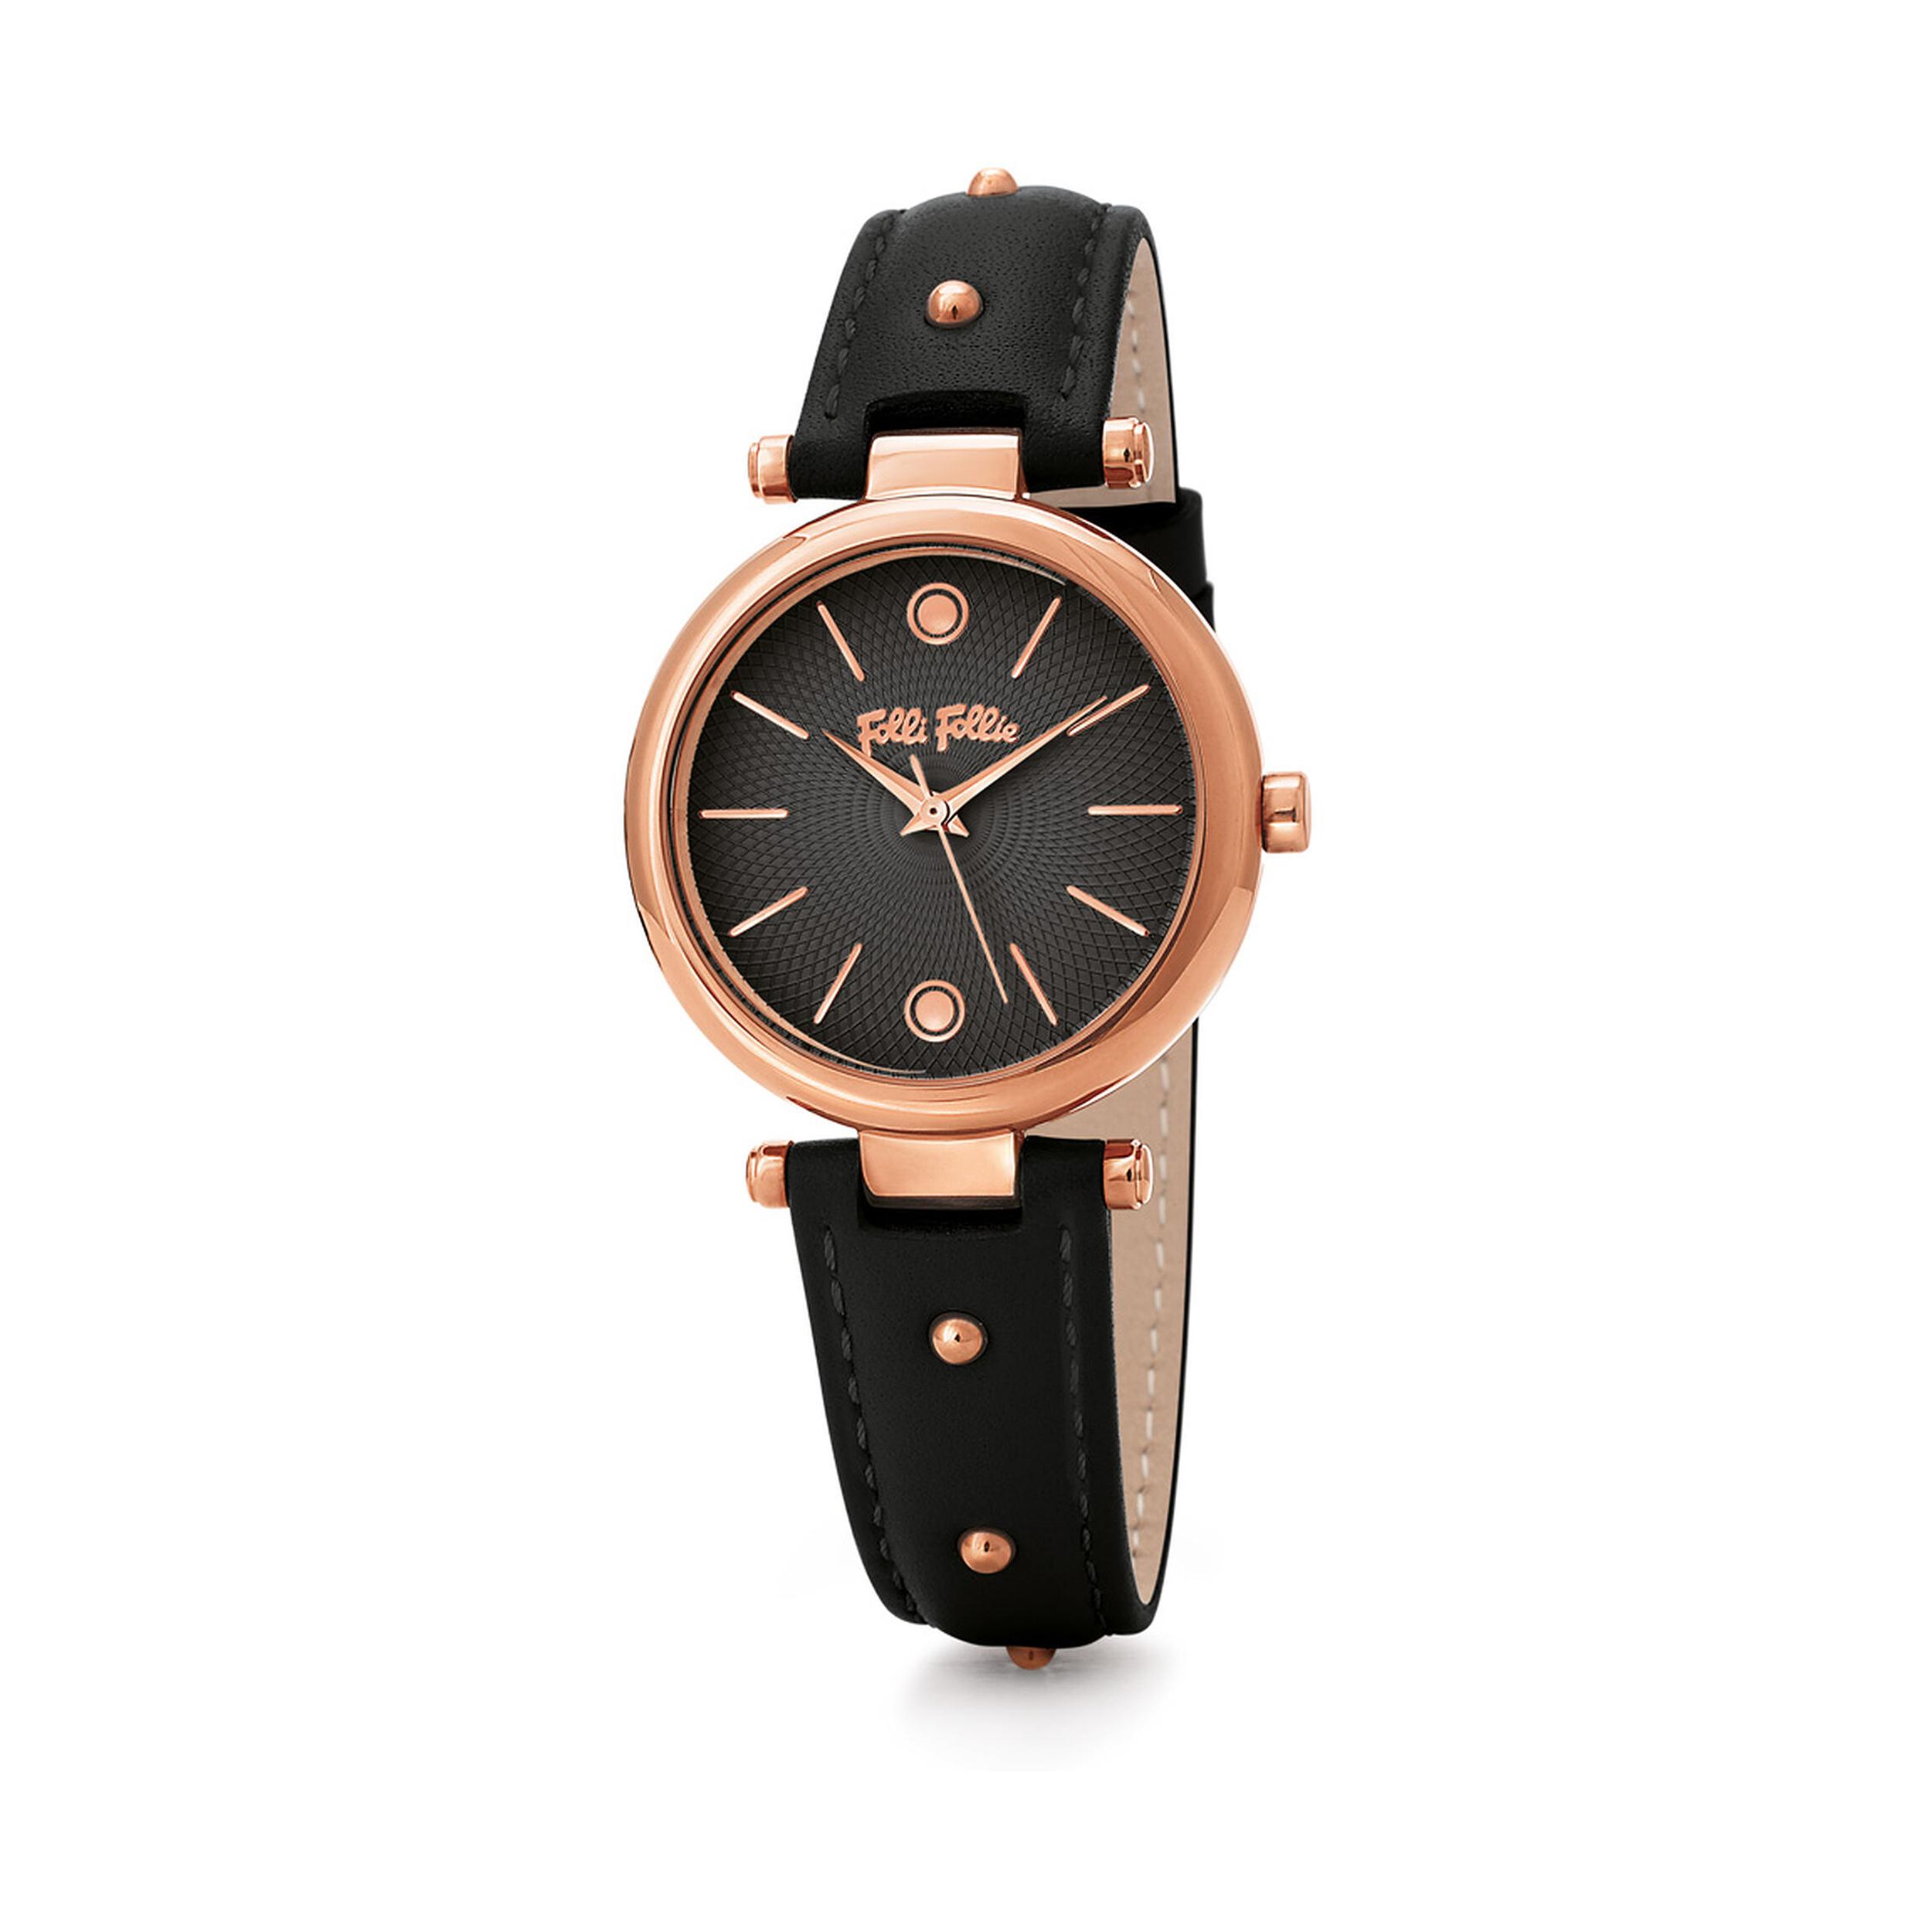 قیمت ساعت مچی عقربه ای زنانه فولی فولیه مدل WF18R001SPK-BL (بدون جعبه اورجینال)              خرید (⭐️⭐️⭐️)